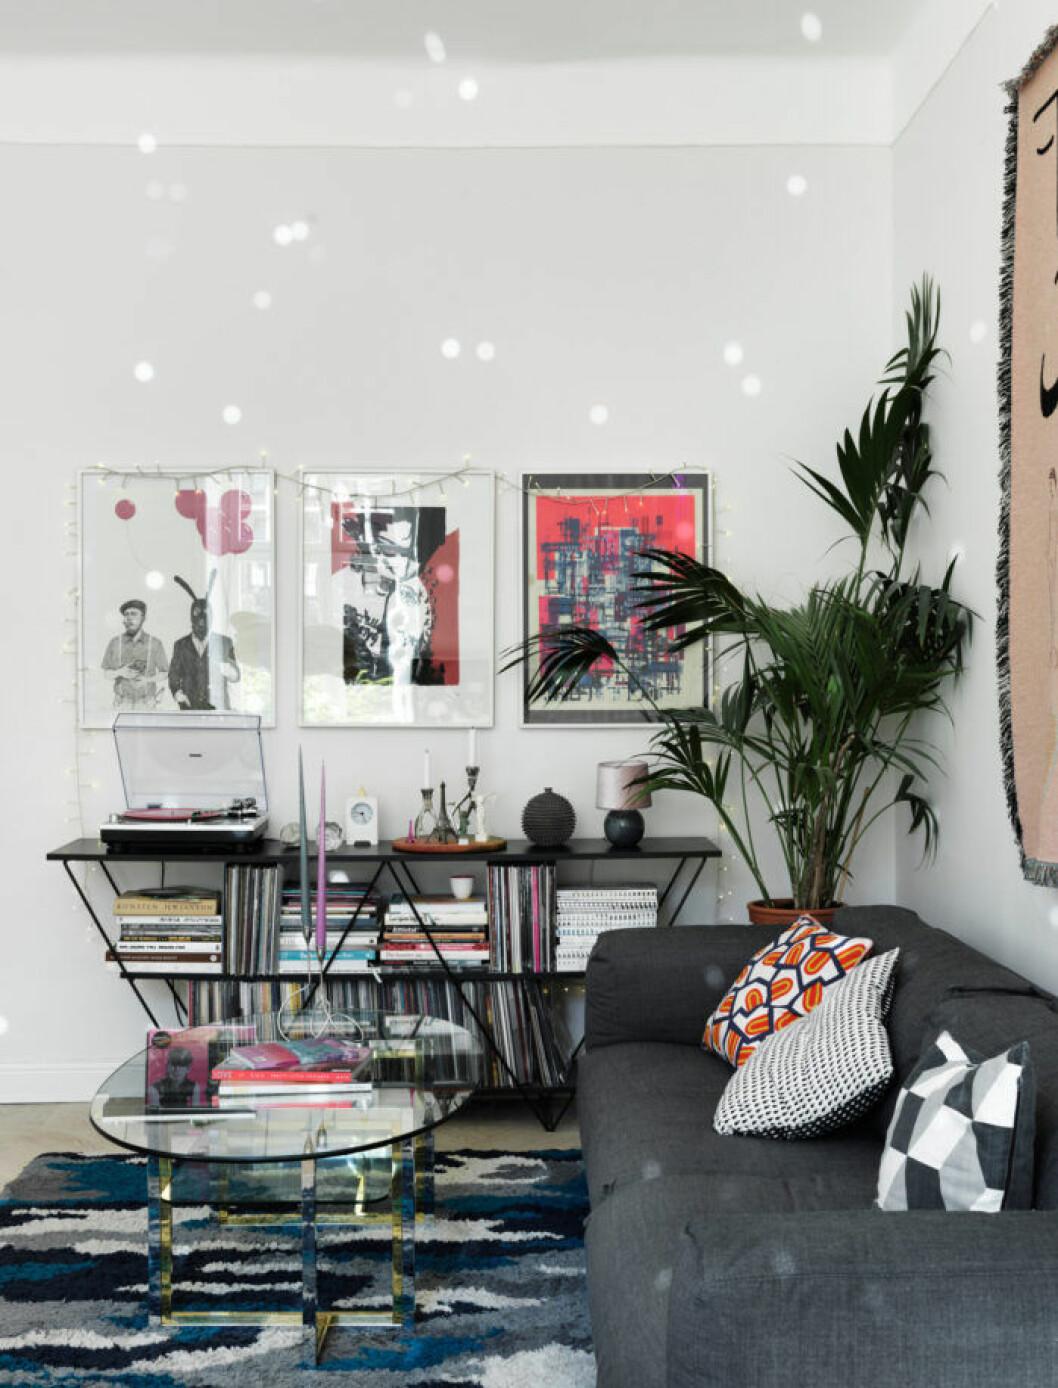 Färgstark konst och palm hos modedesignern på Södermalm i Stockholm